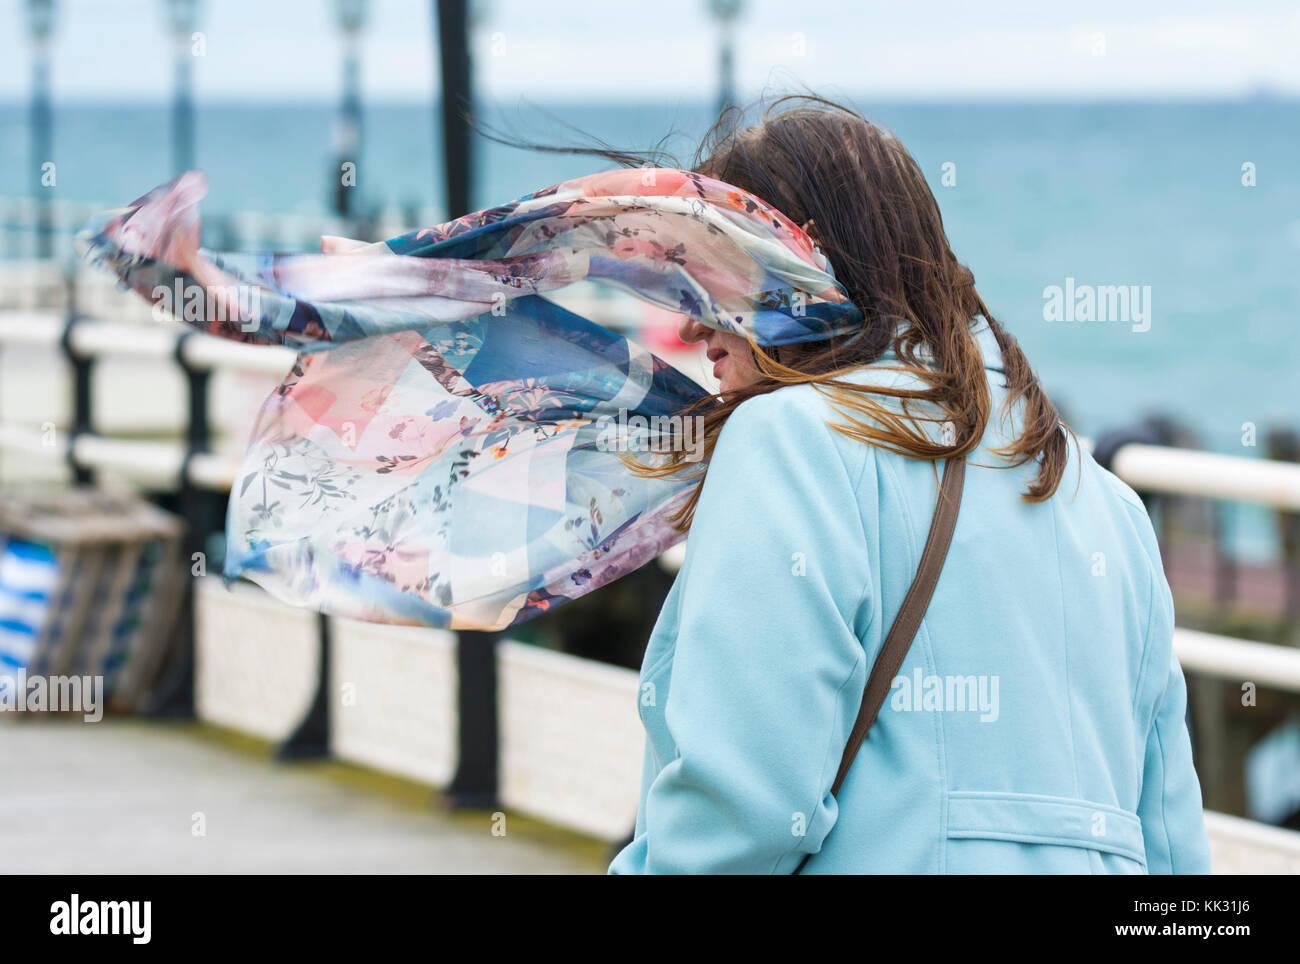 Mujer caminar en un día ventoso en otoño con una chaqueta y bufanda, soplando en el viento, en el Reino Imagen De Stock